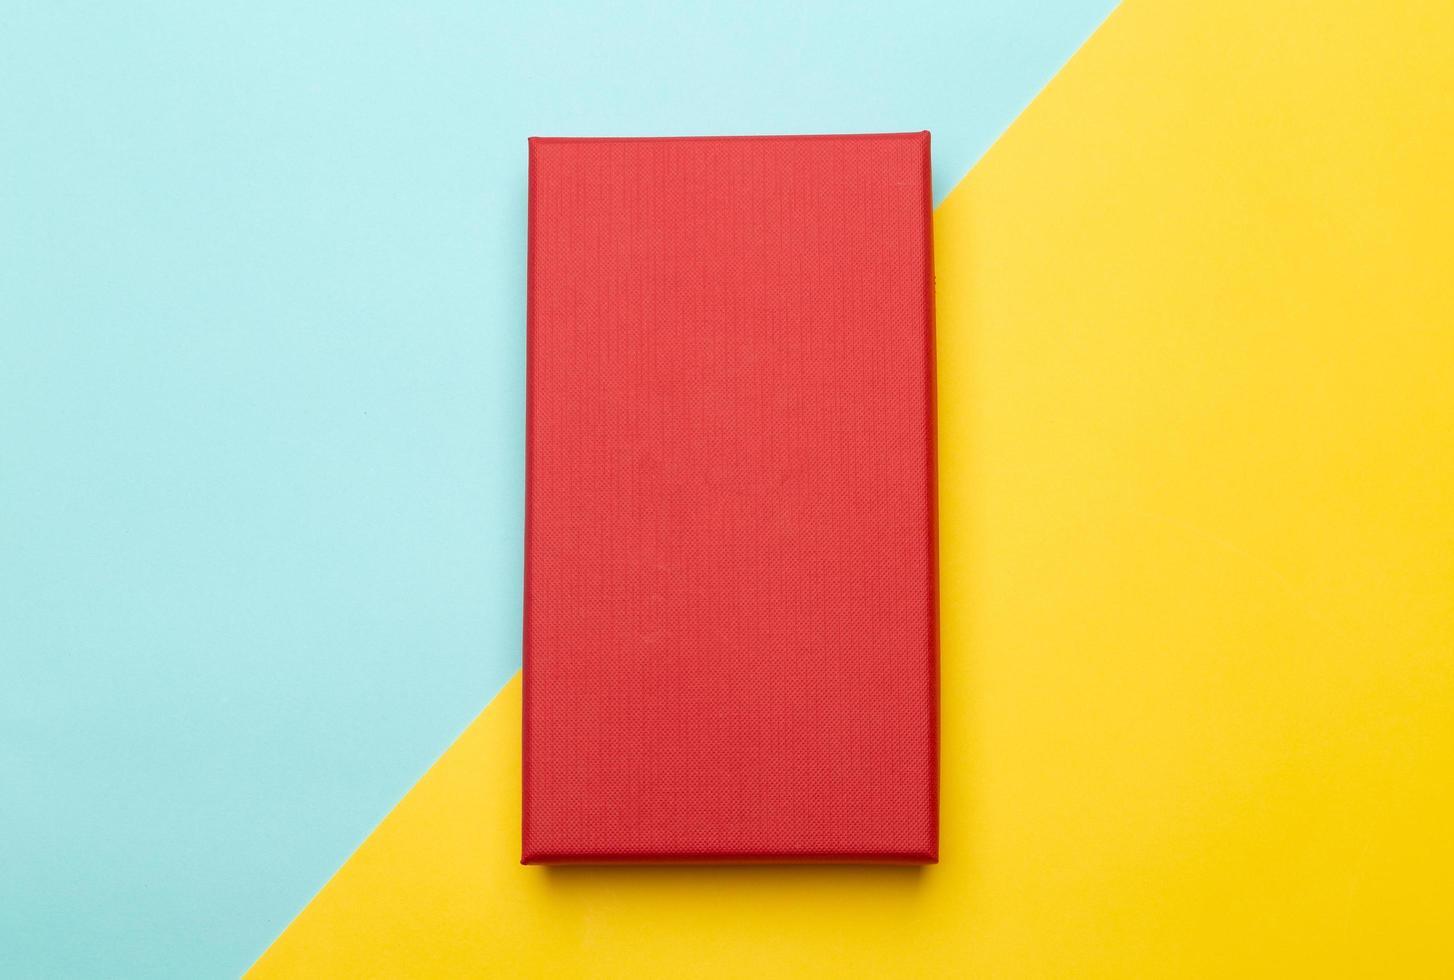 rode doos op gele en blauwe achtergrond foto